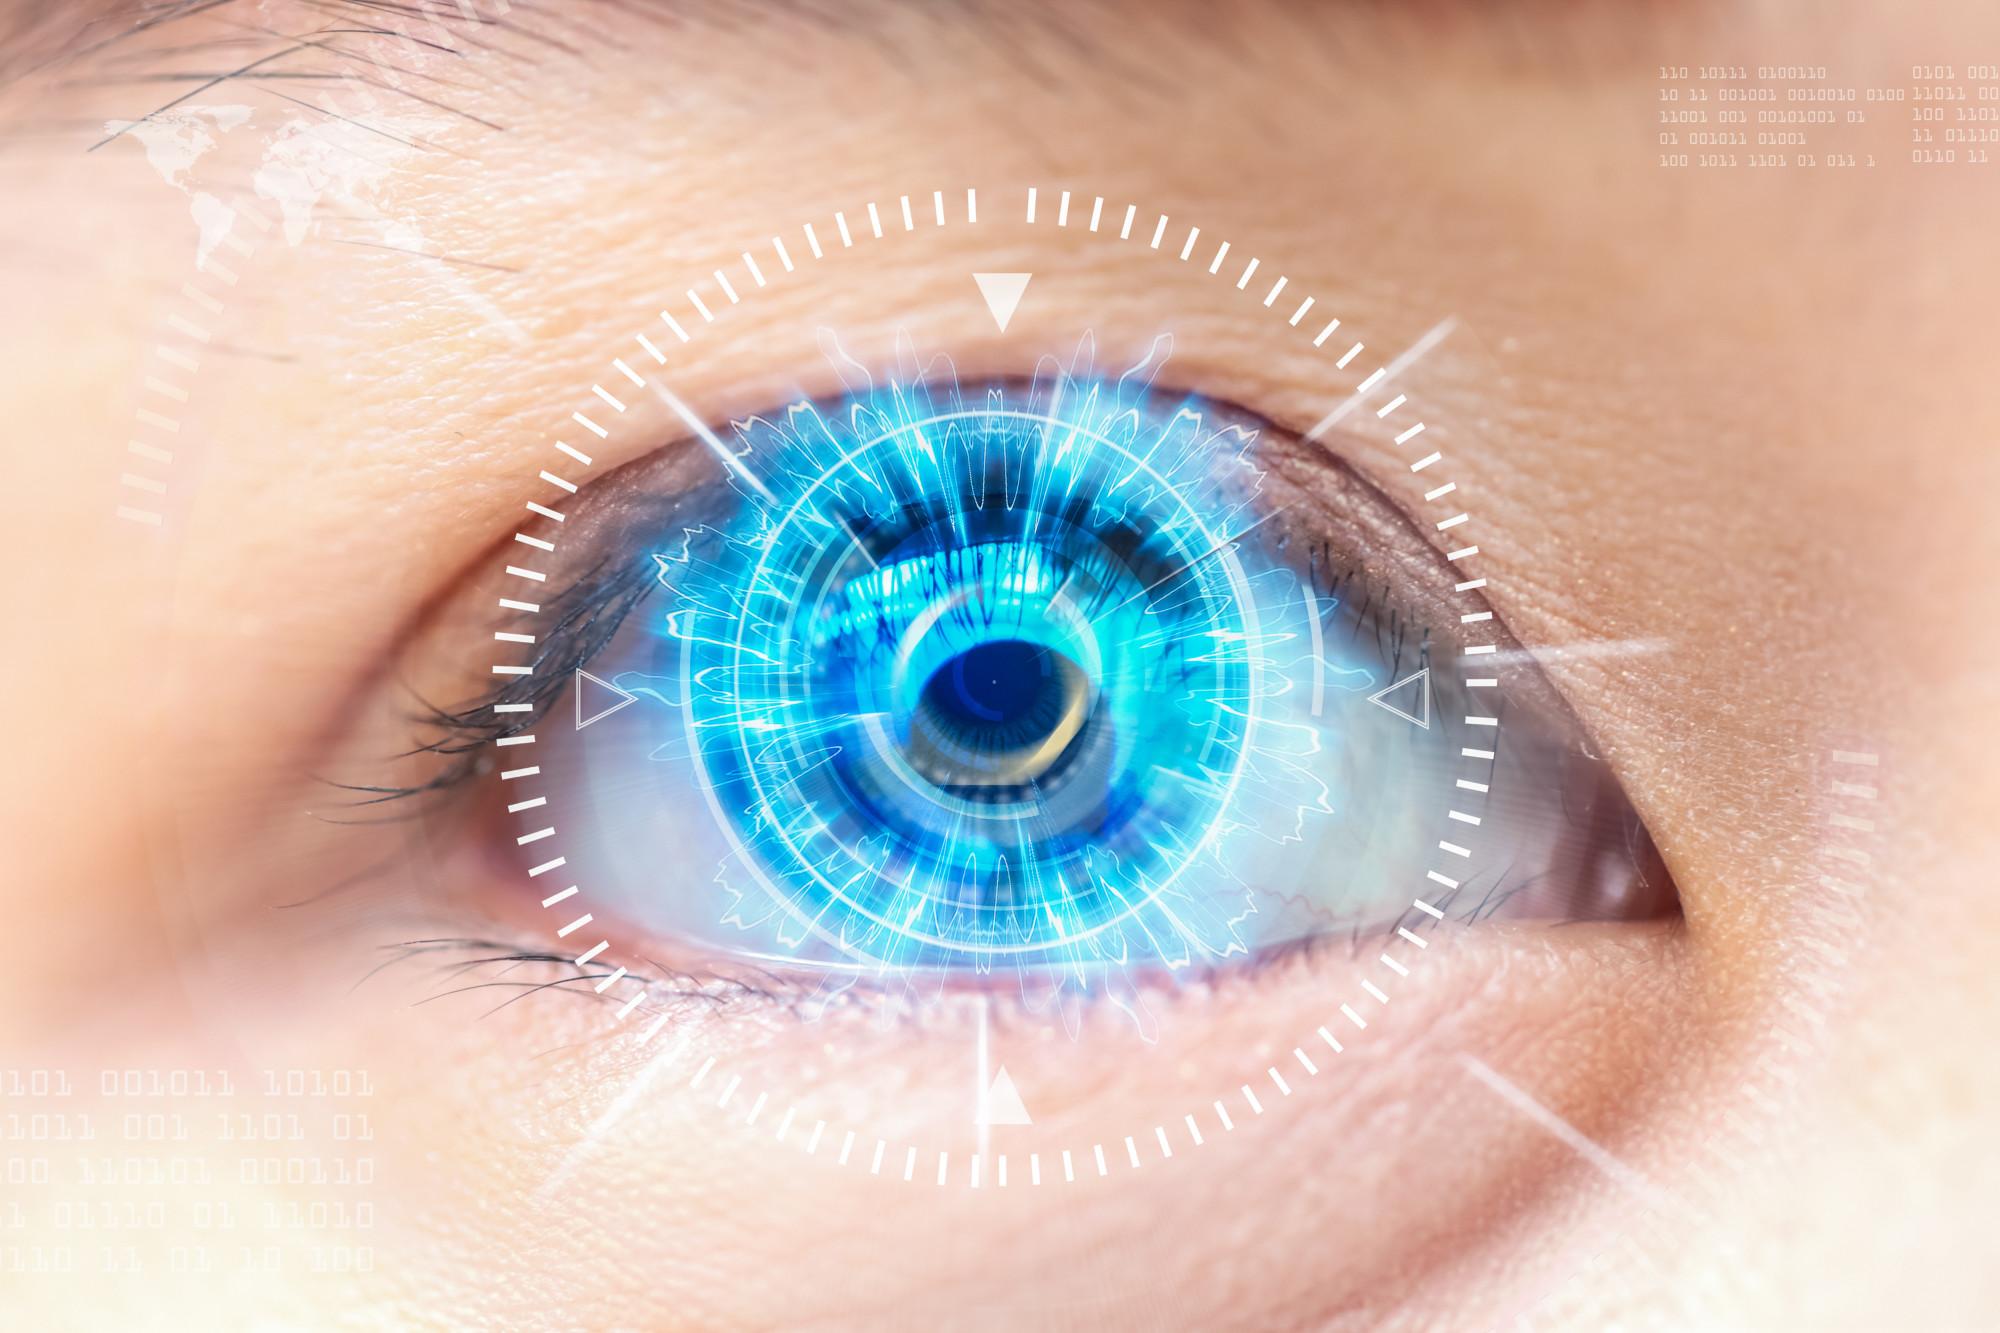 javítja a látást glaukómában a témával kapcsolatos kutatómunka vigyáz a szemedre